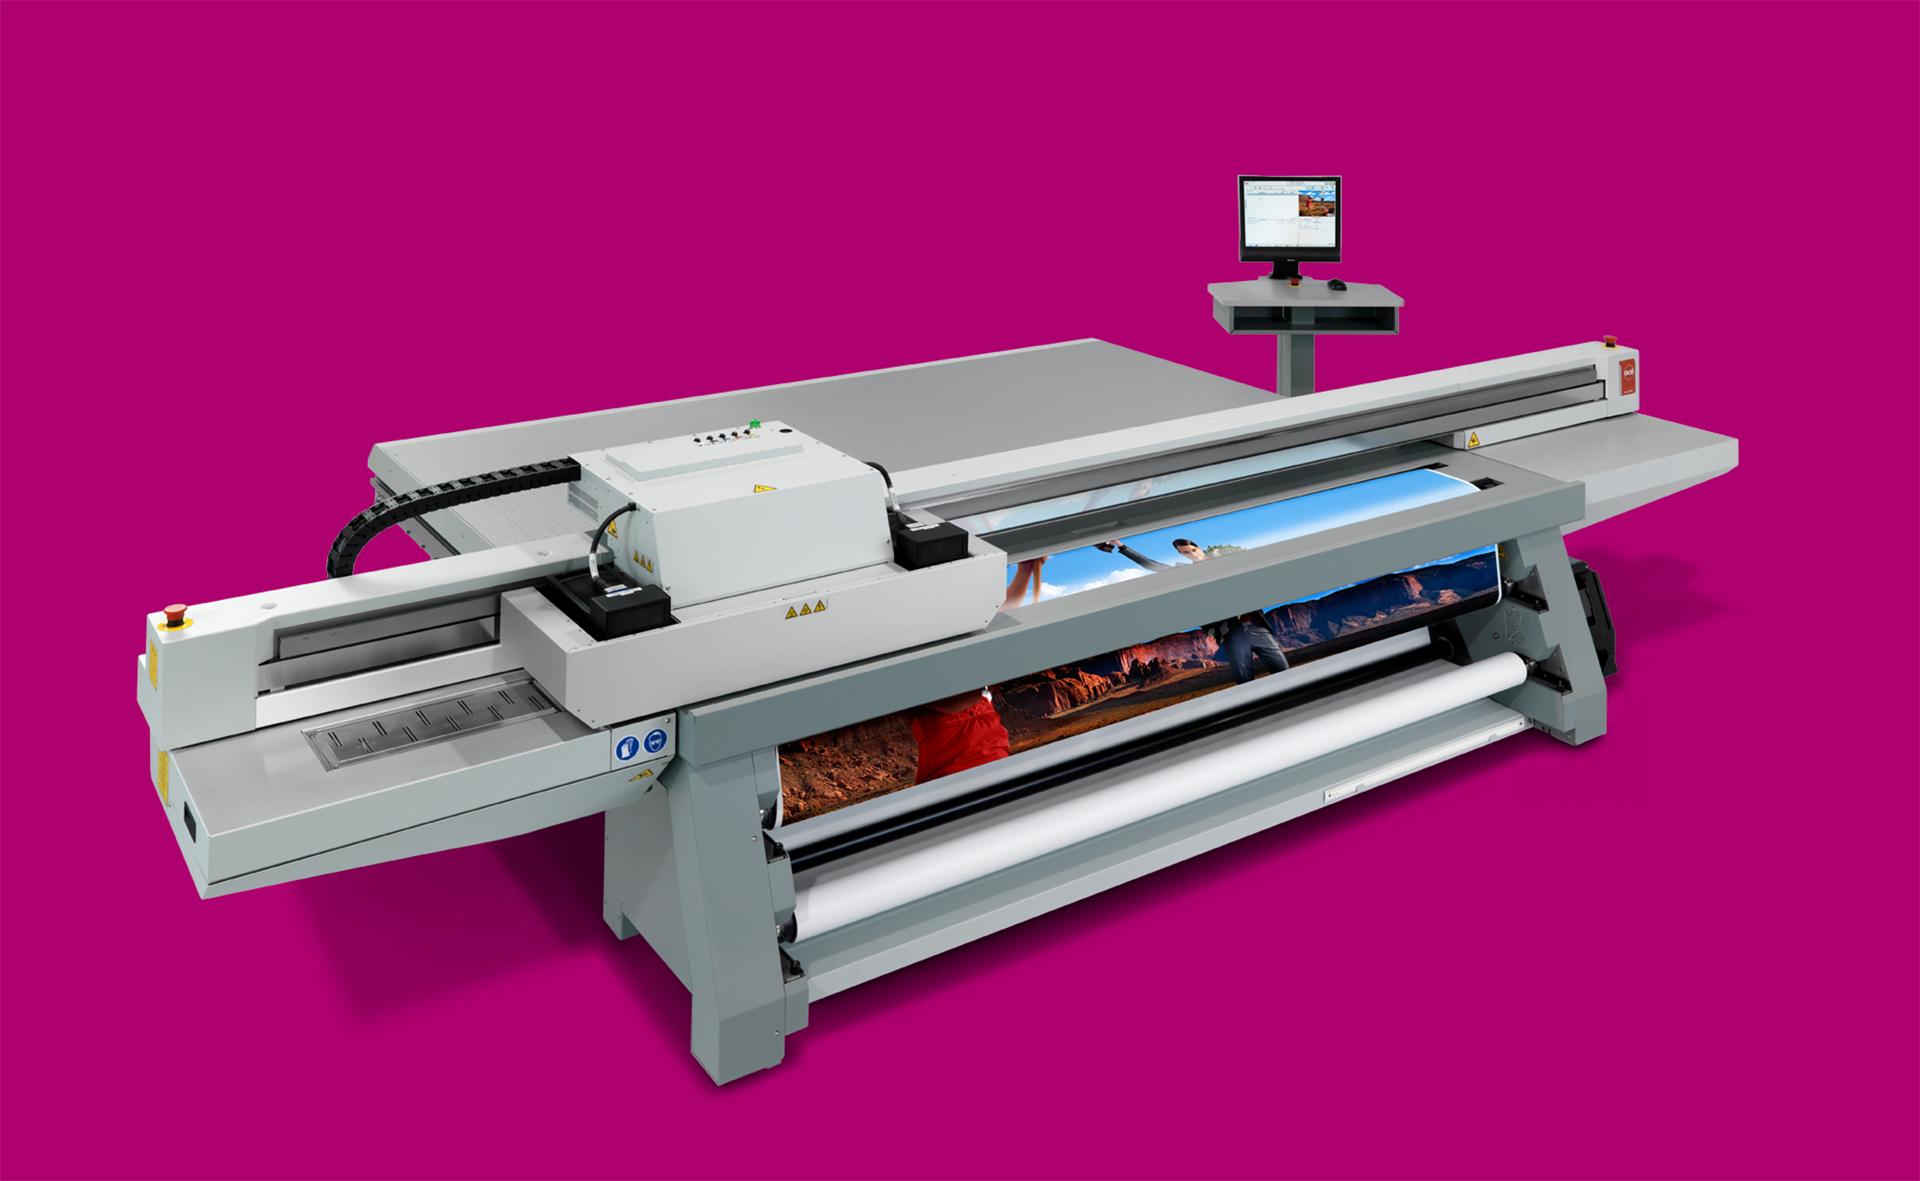 Принтеры с широкой душой. Краткий гид по устройствам для широкоформатной печати Canon - 11